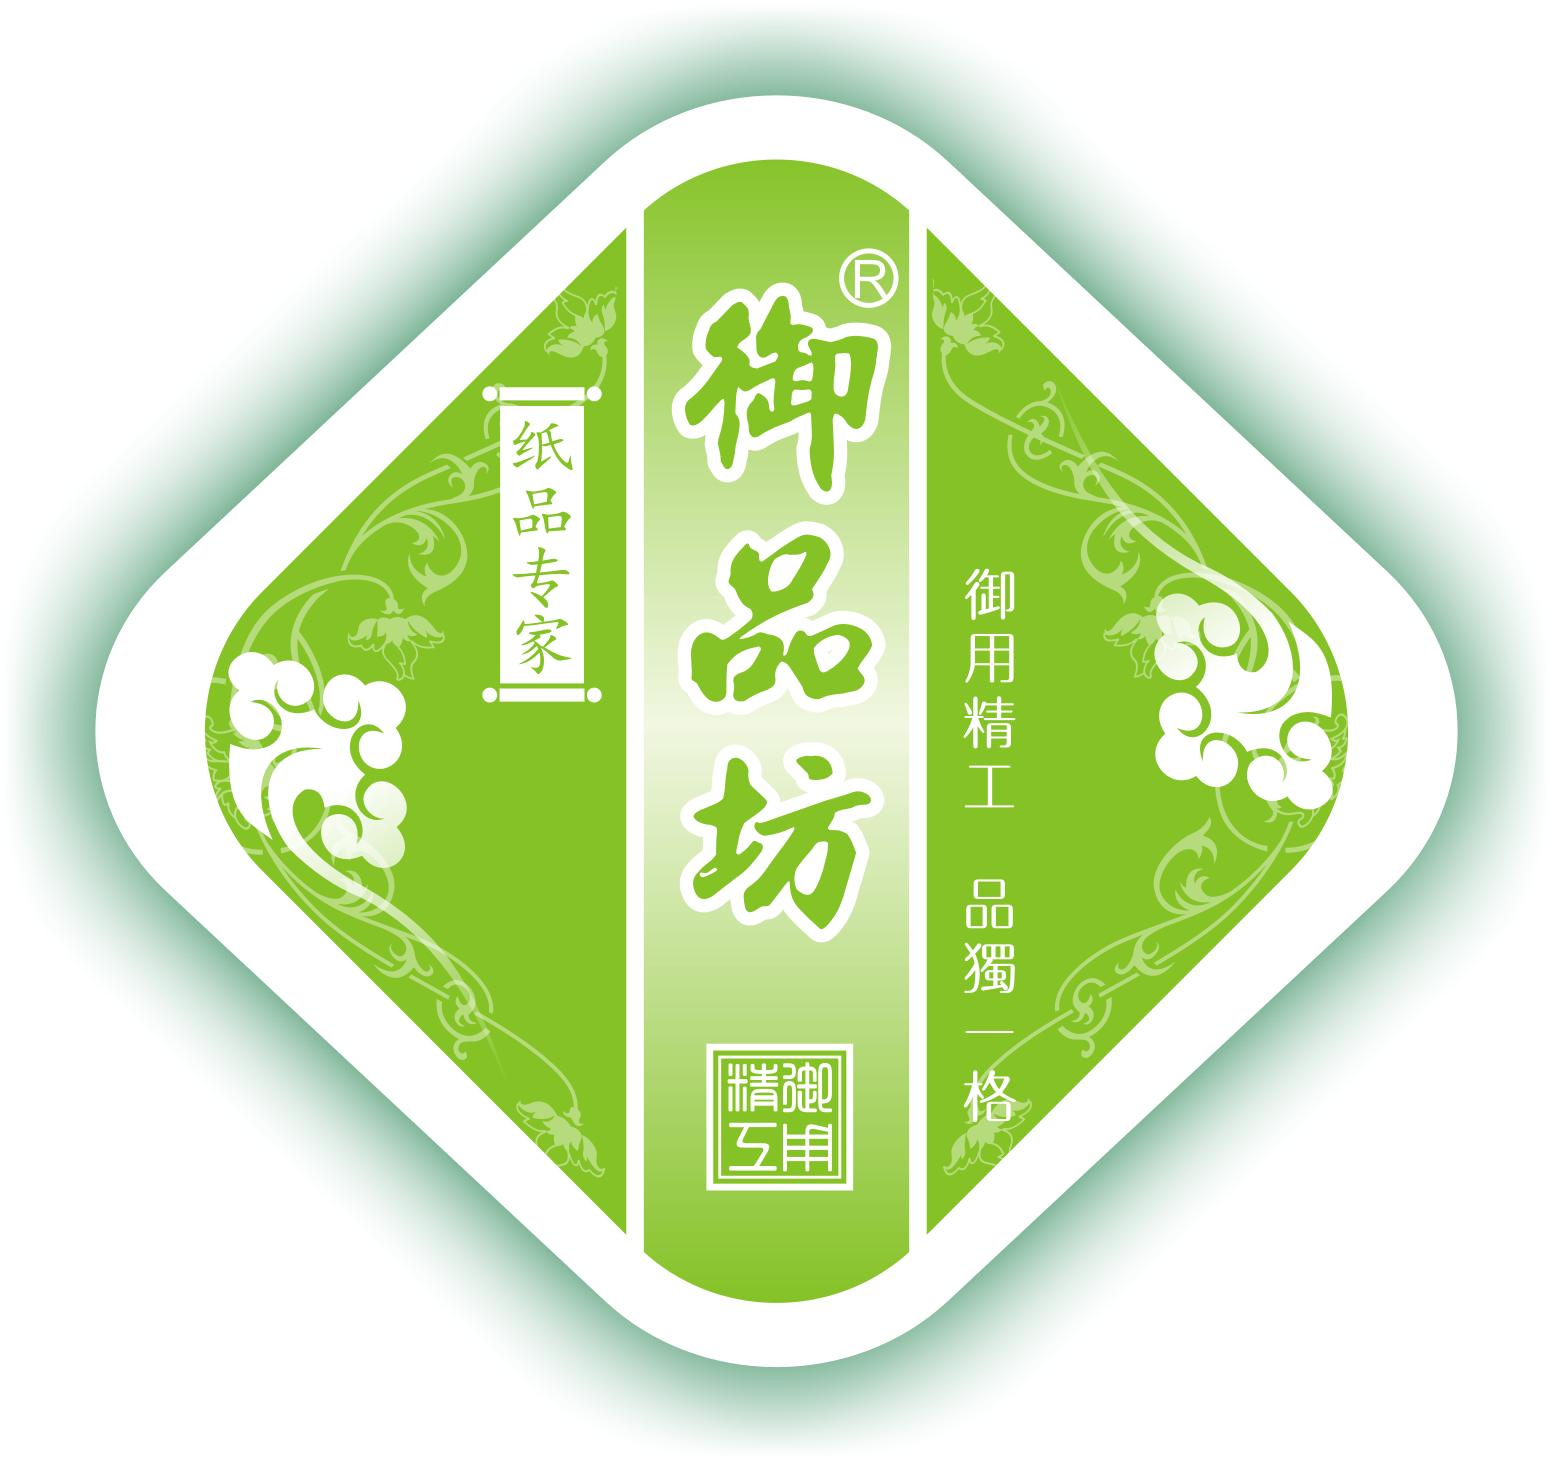 深圳市御品坊日用品有限公司